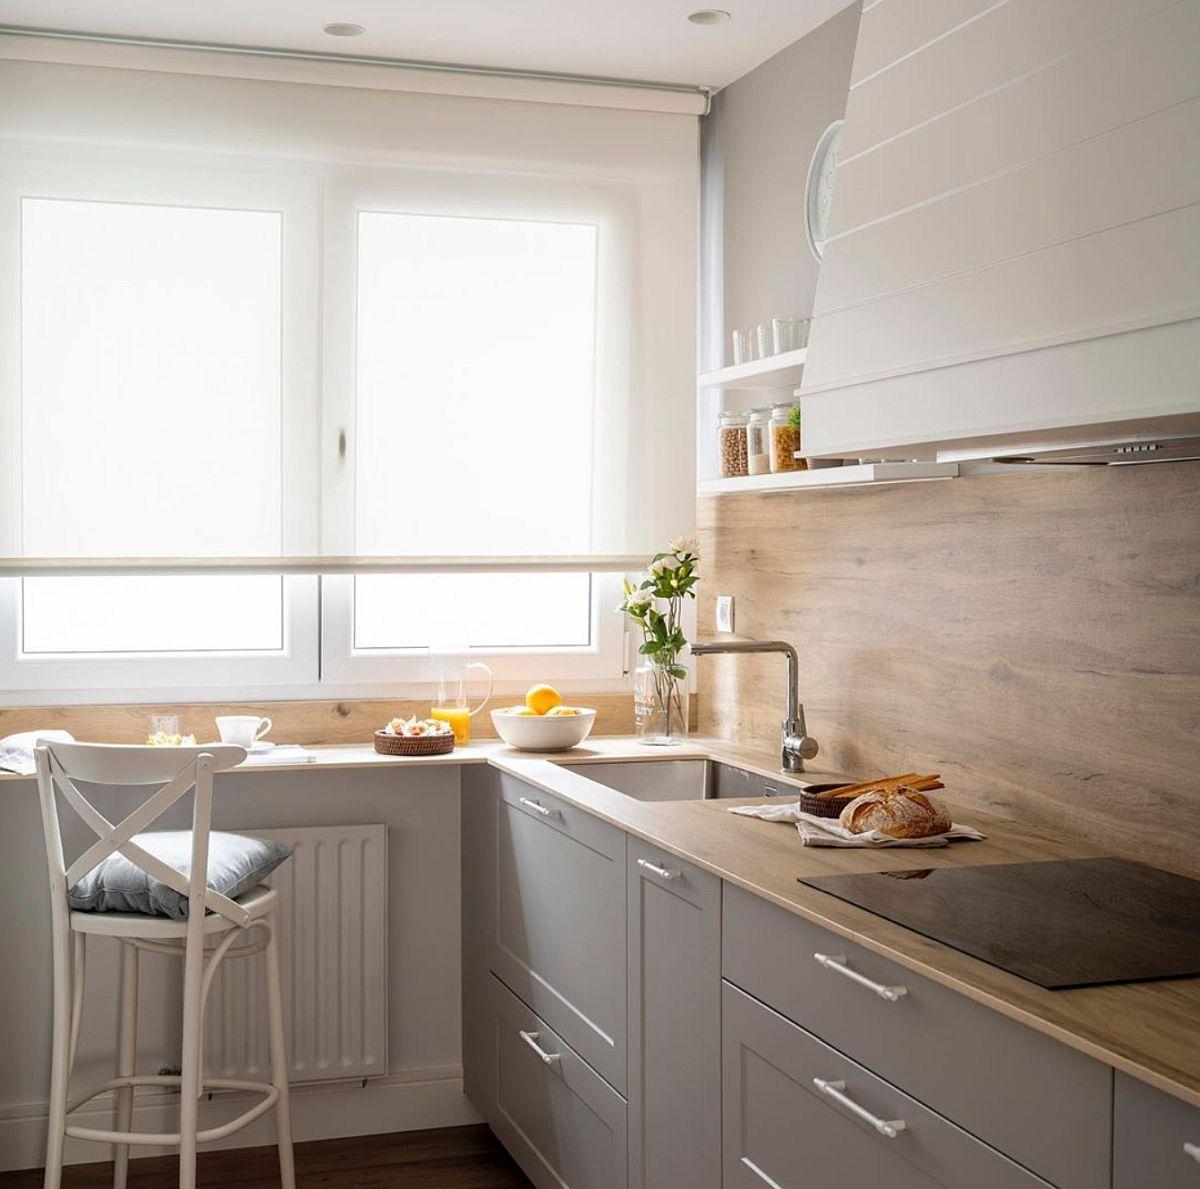 În organizarea bucătăriei este foarte important ca între chiuvetă și plită să existe un spațiu liber de minimum 60 cm, dar niciodată nu se poziționează plita către fereastră pentru că ar fi imposibilă montarea hotei, dar și pentru că stropii de mîncare ar ajunge și pe suprafața ferestrei, ceea ce ar fi foarte dificil de înteținut și curățat.